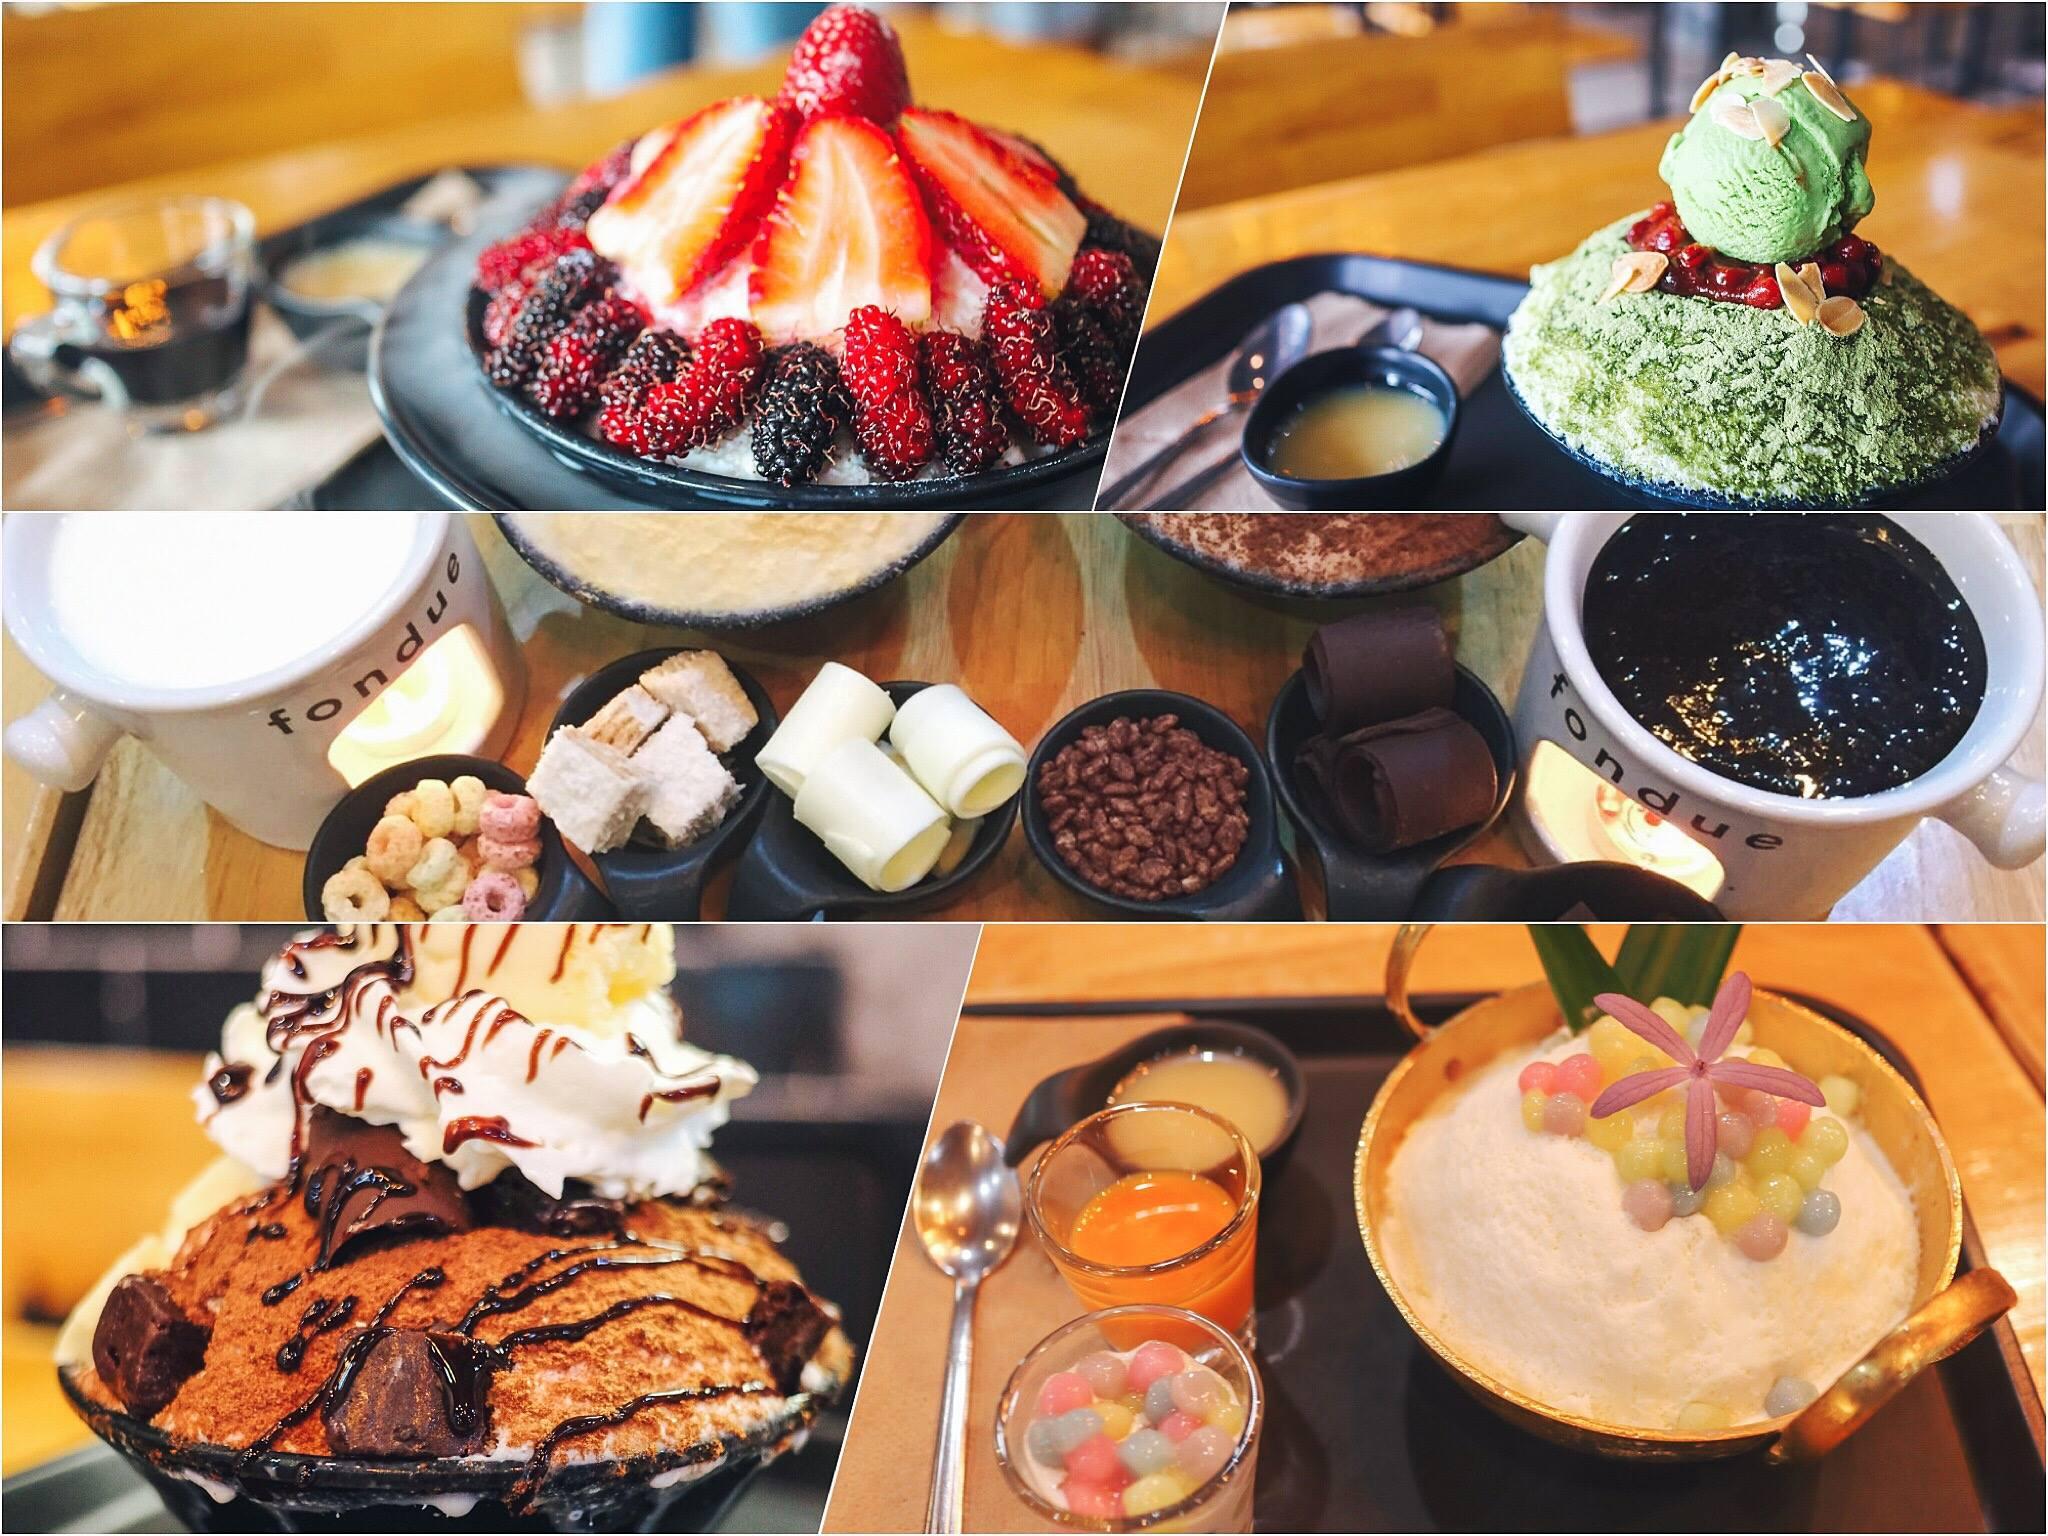 7.-Seoul-House-Dessert-Cafe-จัดได้ว่าจุดเช็คอินนี้ห้ามพลาดจริงๆสำหรับเรื่องของหวานบิงซูไอศครีม-ที่เรียกได้ว่าเมนูมีให้เลือกเยอะจนเลือกแทบจะไม่ได้-555-เรื่องบรรยากาศร้านสบายครับ-รสชาติอร่อยแน่นอนอยู่แล้วครับแอดมินกินมาหลายปีแล้ว-555 Seoul-House:-dessert-cafe?-craftbeer-นครศรีฯ  ร้านดับร้อน,ร้านหน้าร้อน,ของกิน,เครื่องดื่ม,คาเฟ่,นครศรีธรรมราช